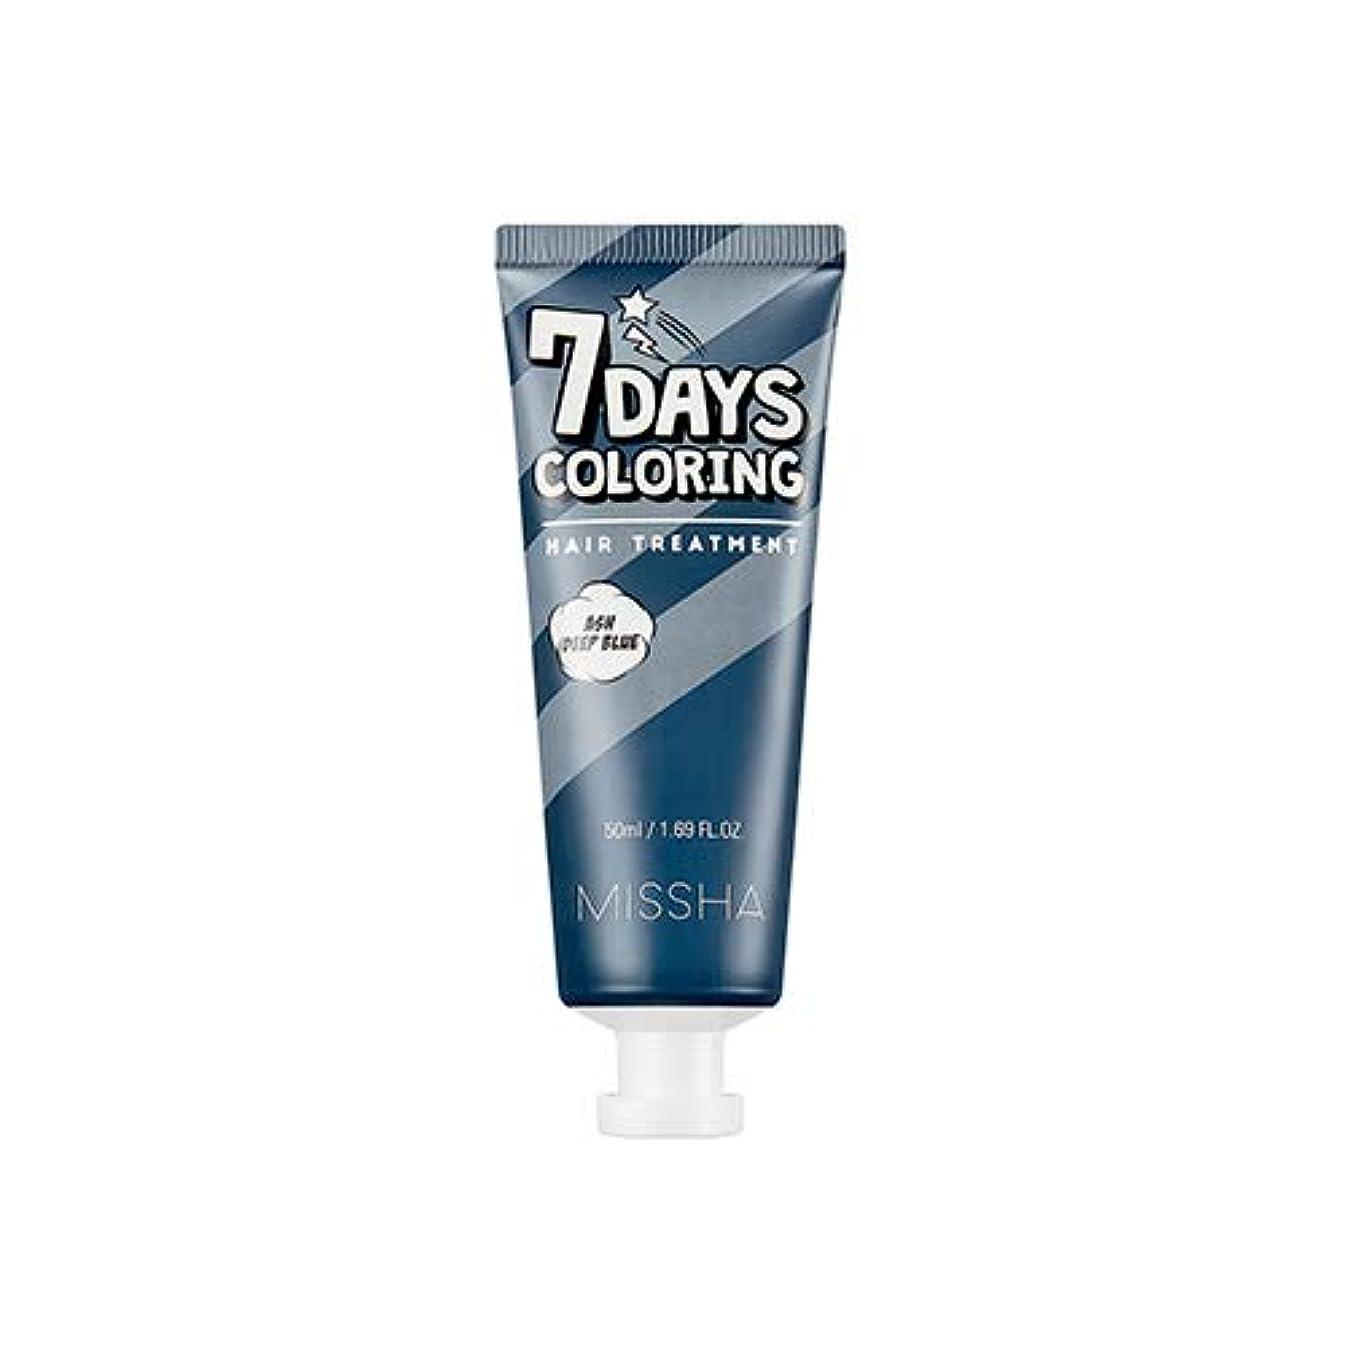 煙突混合した誤ってミシャ セブンデイズカラーリングヘアトリートメント 50ml / MISSHA 7 Days Coloring Hair Treatment # Ash Deep Blue [並行輸入品]